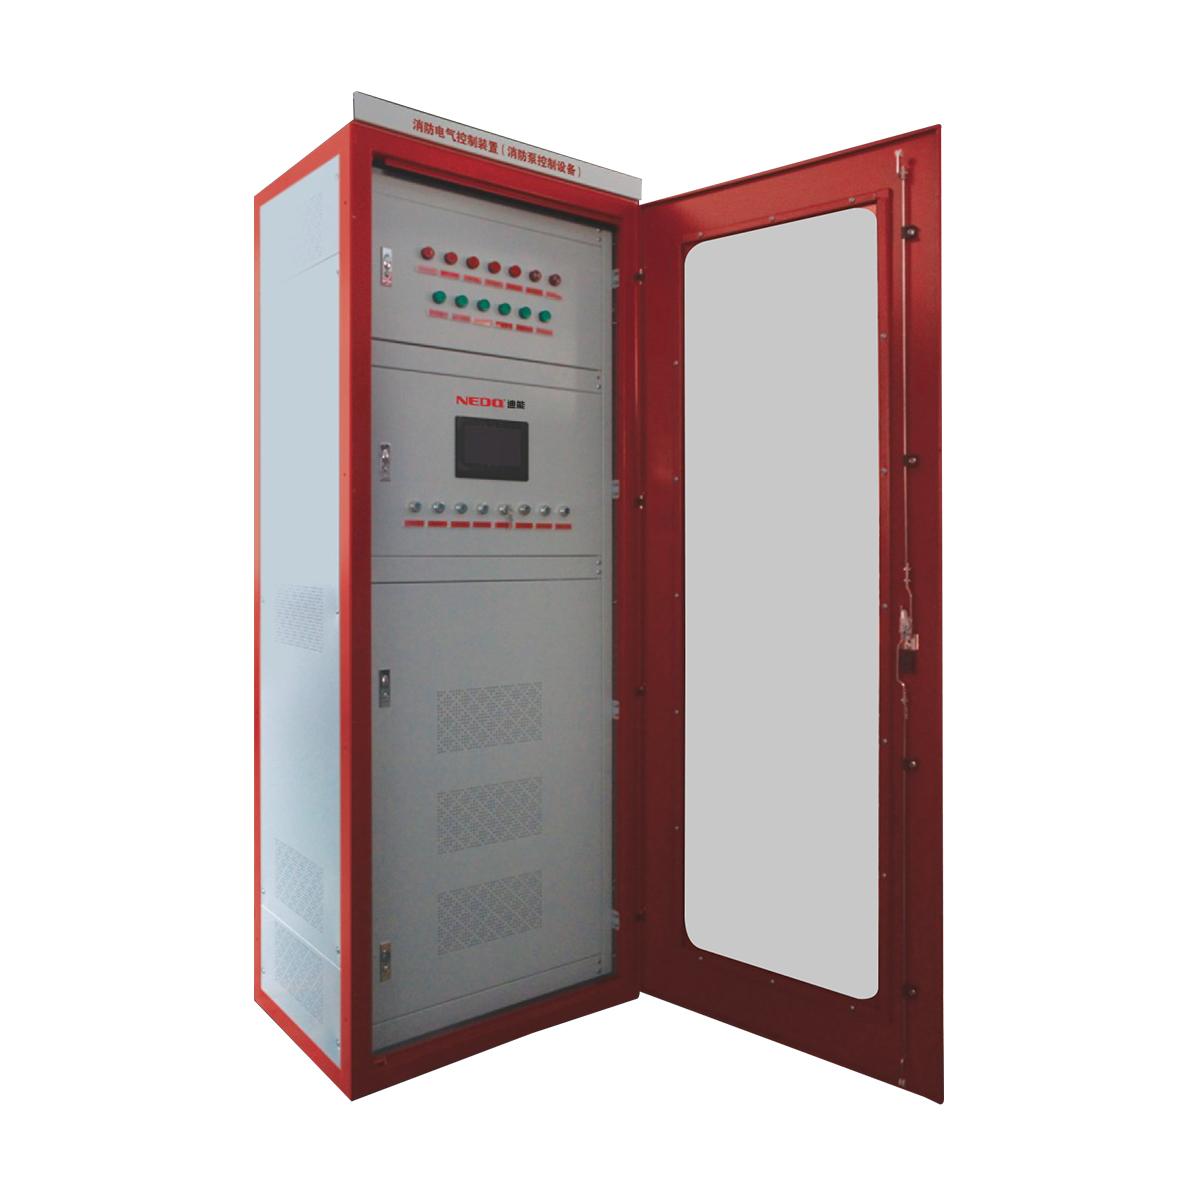 龙8国际注册平台巡检柜的设置规范